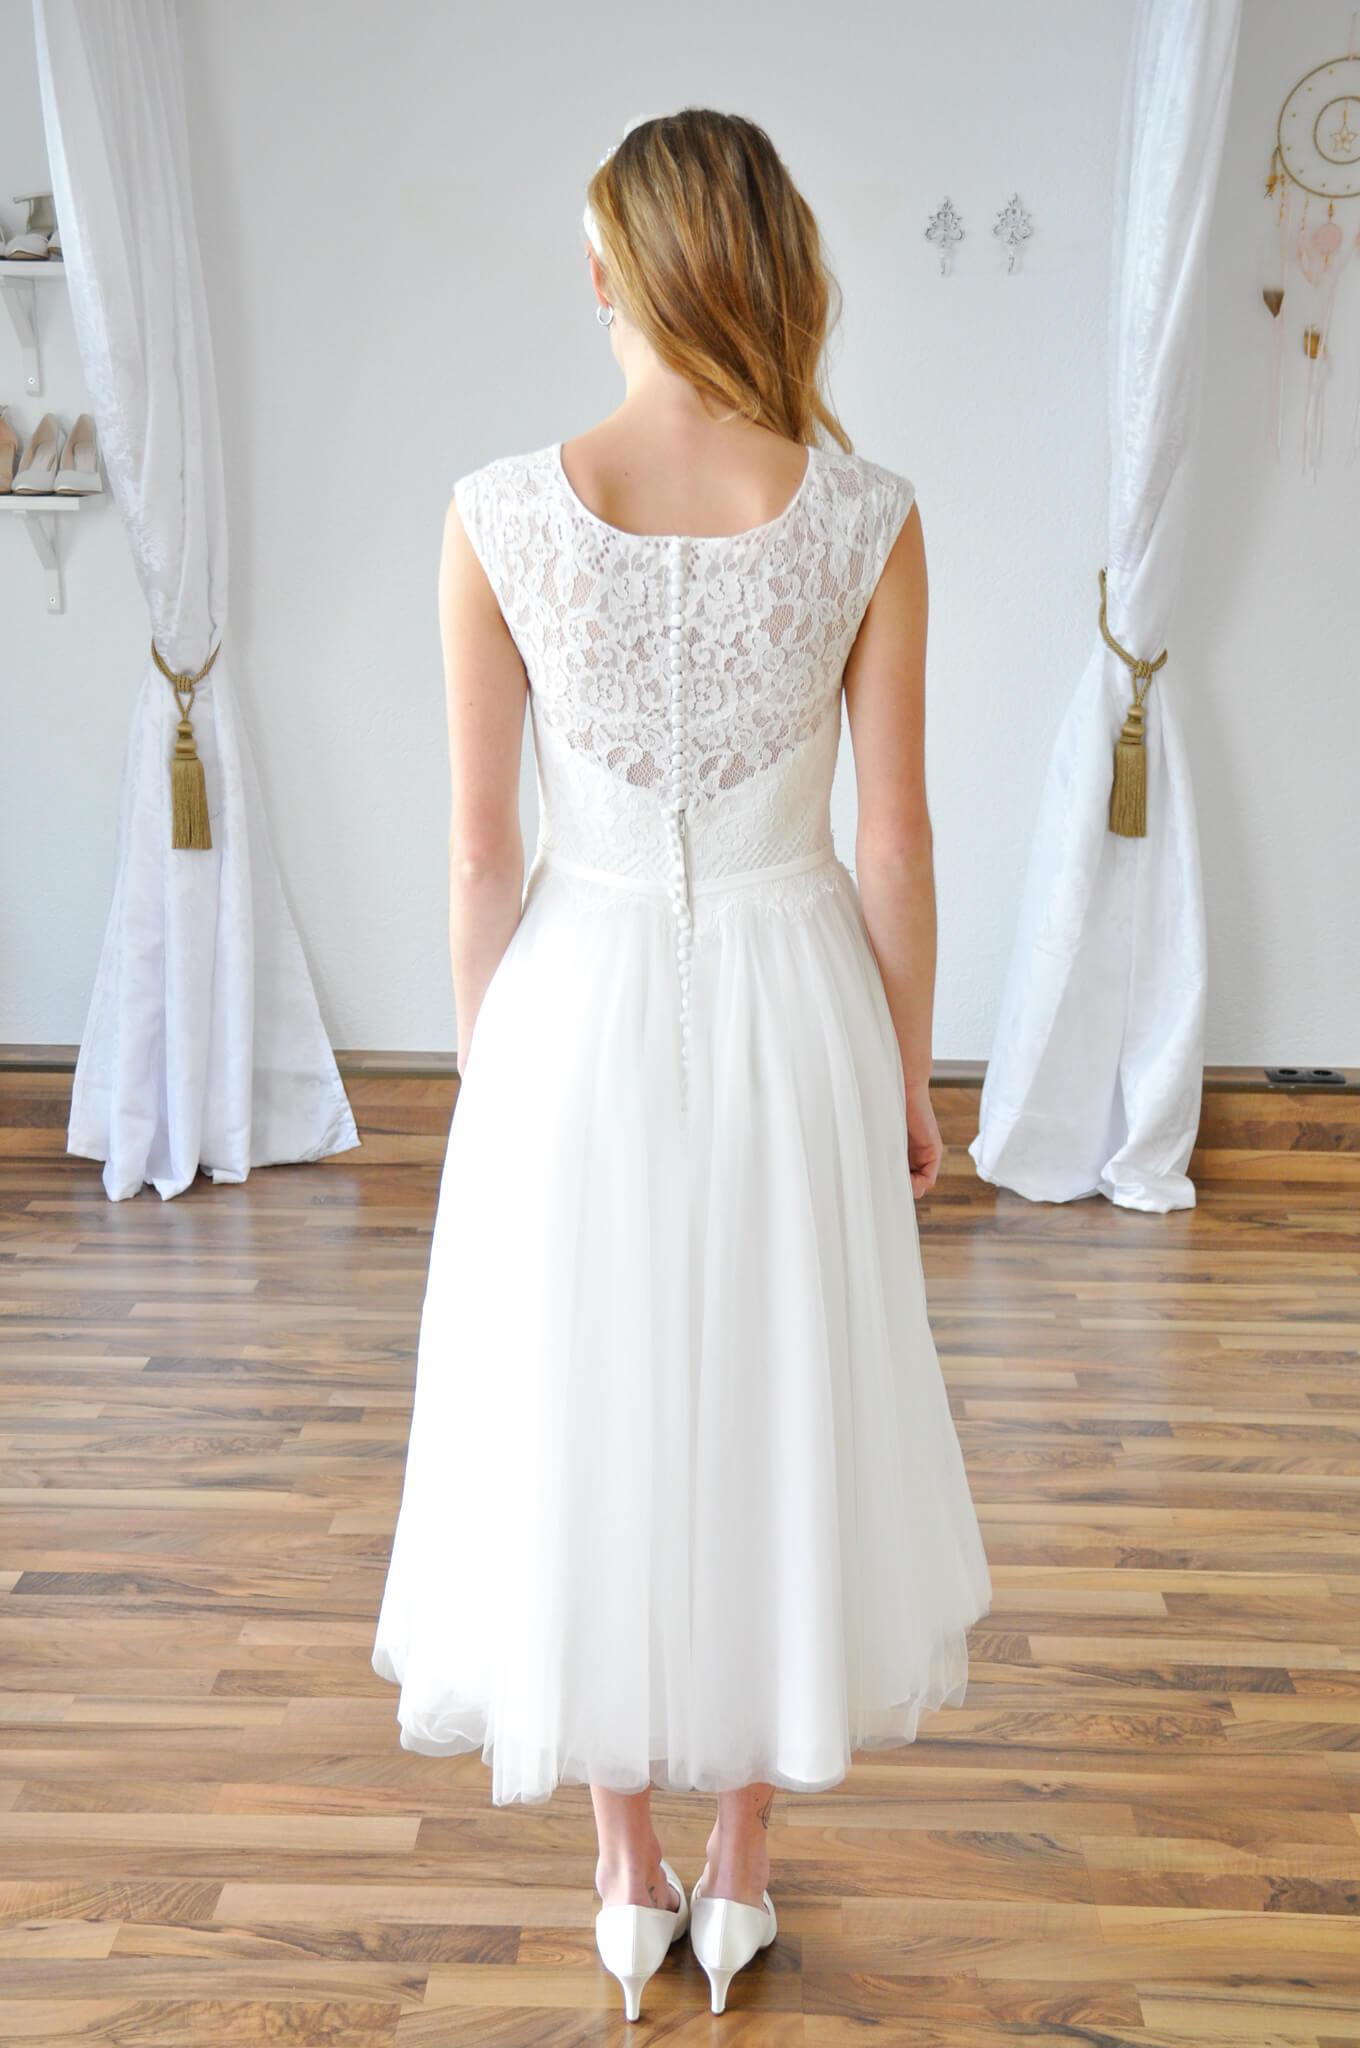 Standesamtkleider Zweiteiler In Dieburg Julies Bride Entdecken